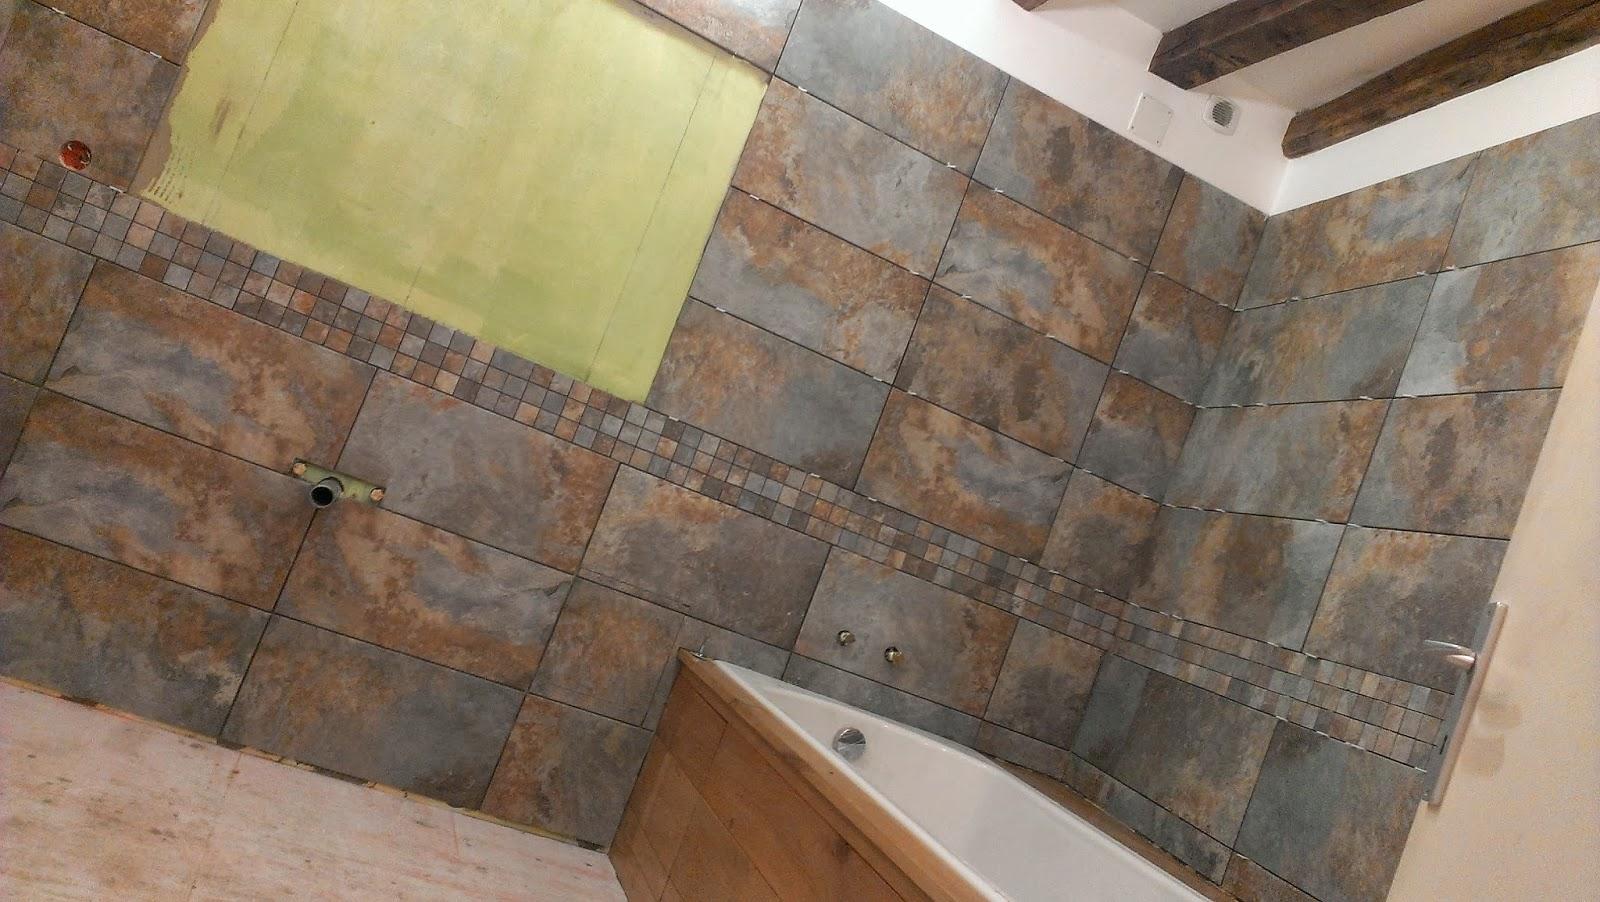 Vive les travaux r alisation salle de bain for Carrelage castorama